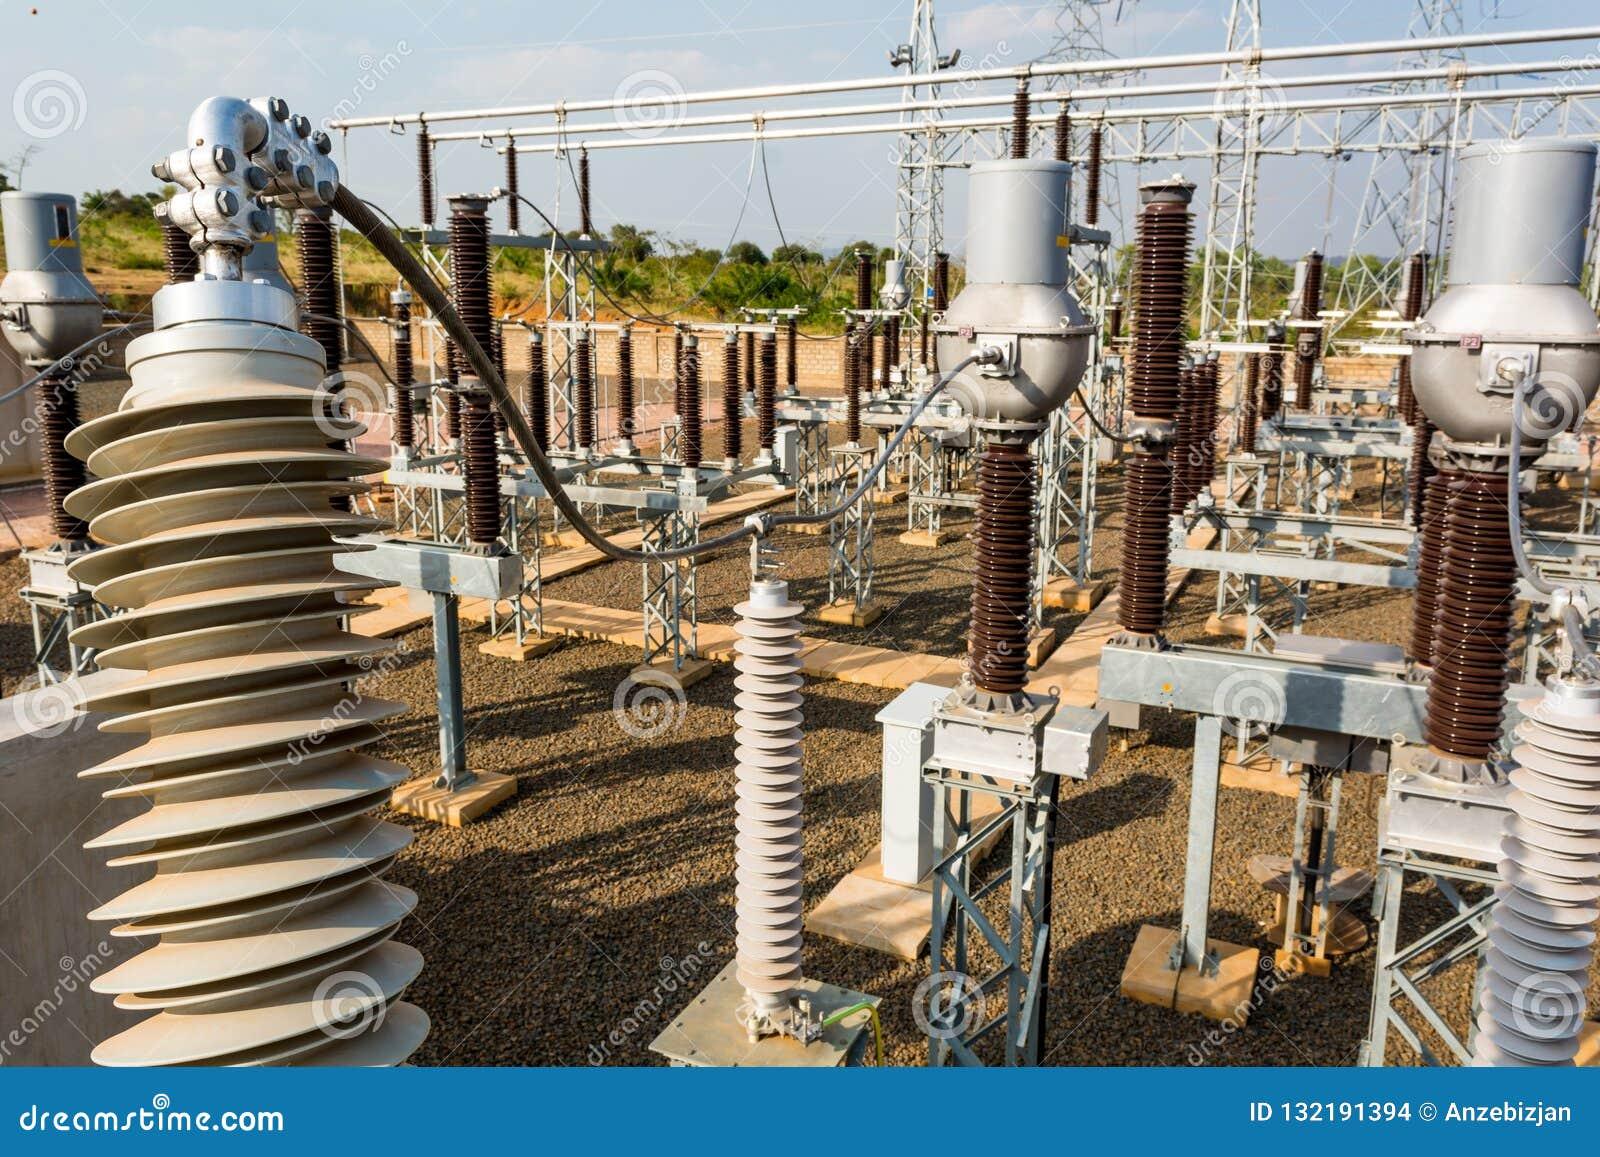 Current Transformer 110 KV High Voltage Substation Stock